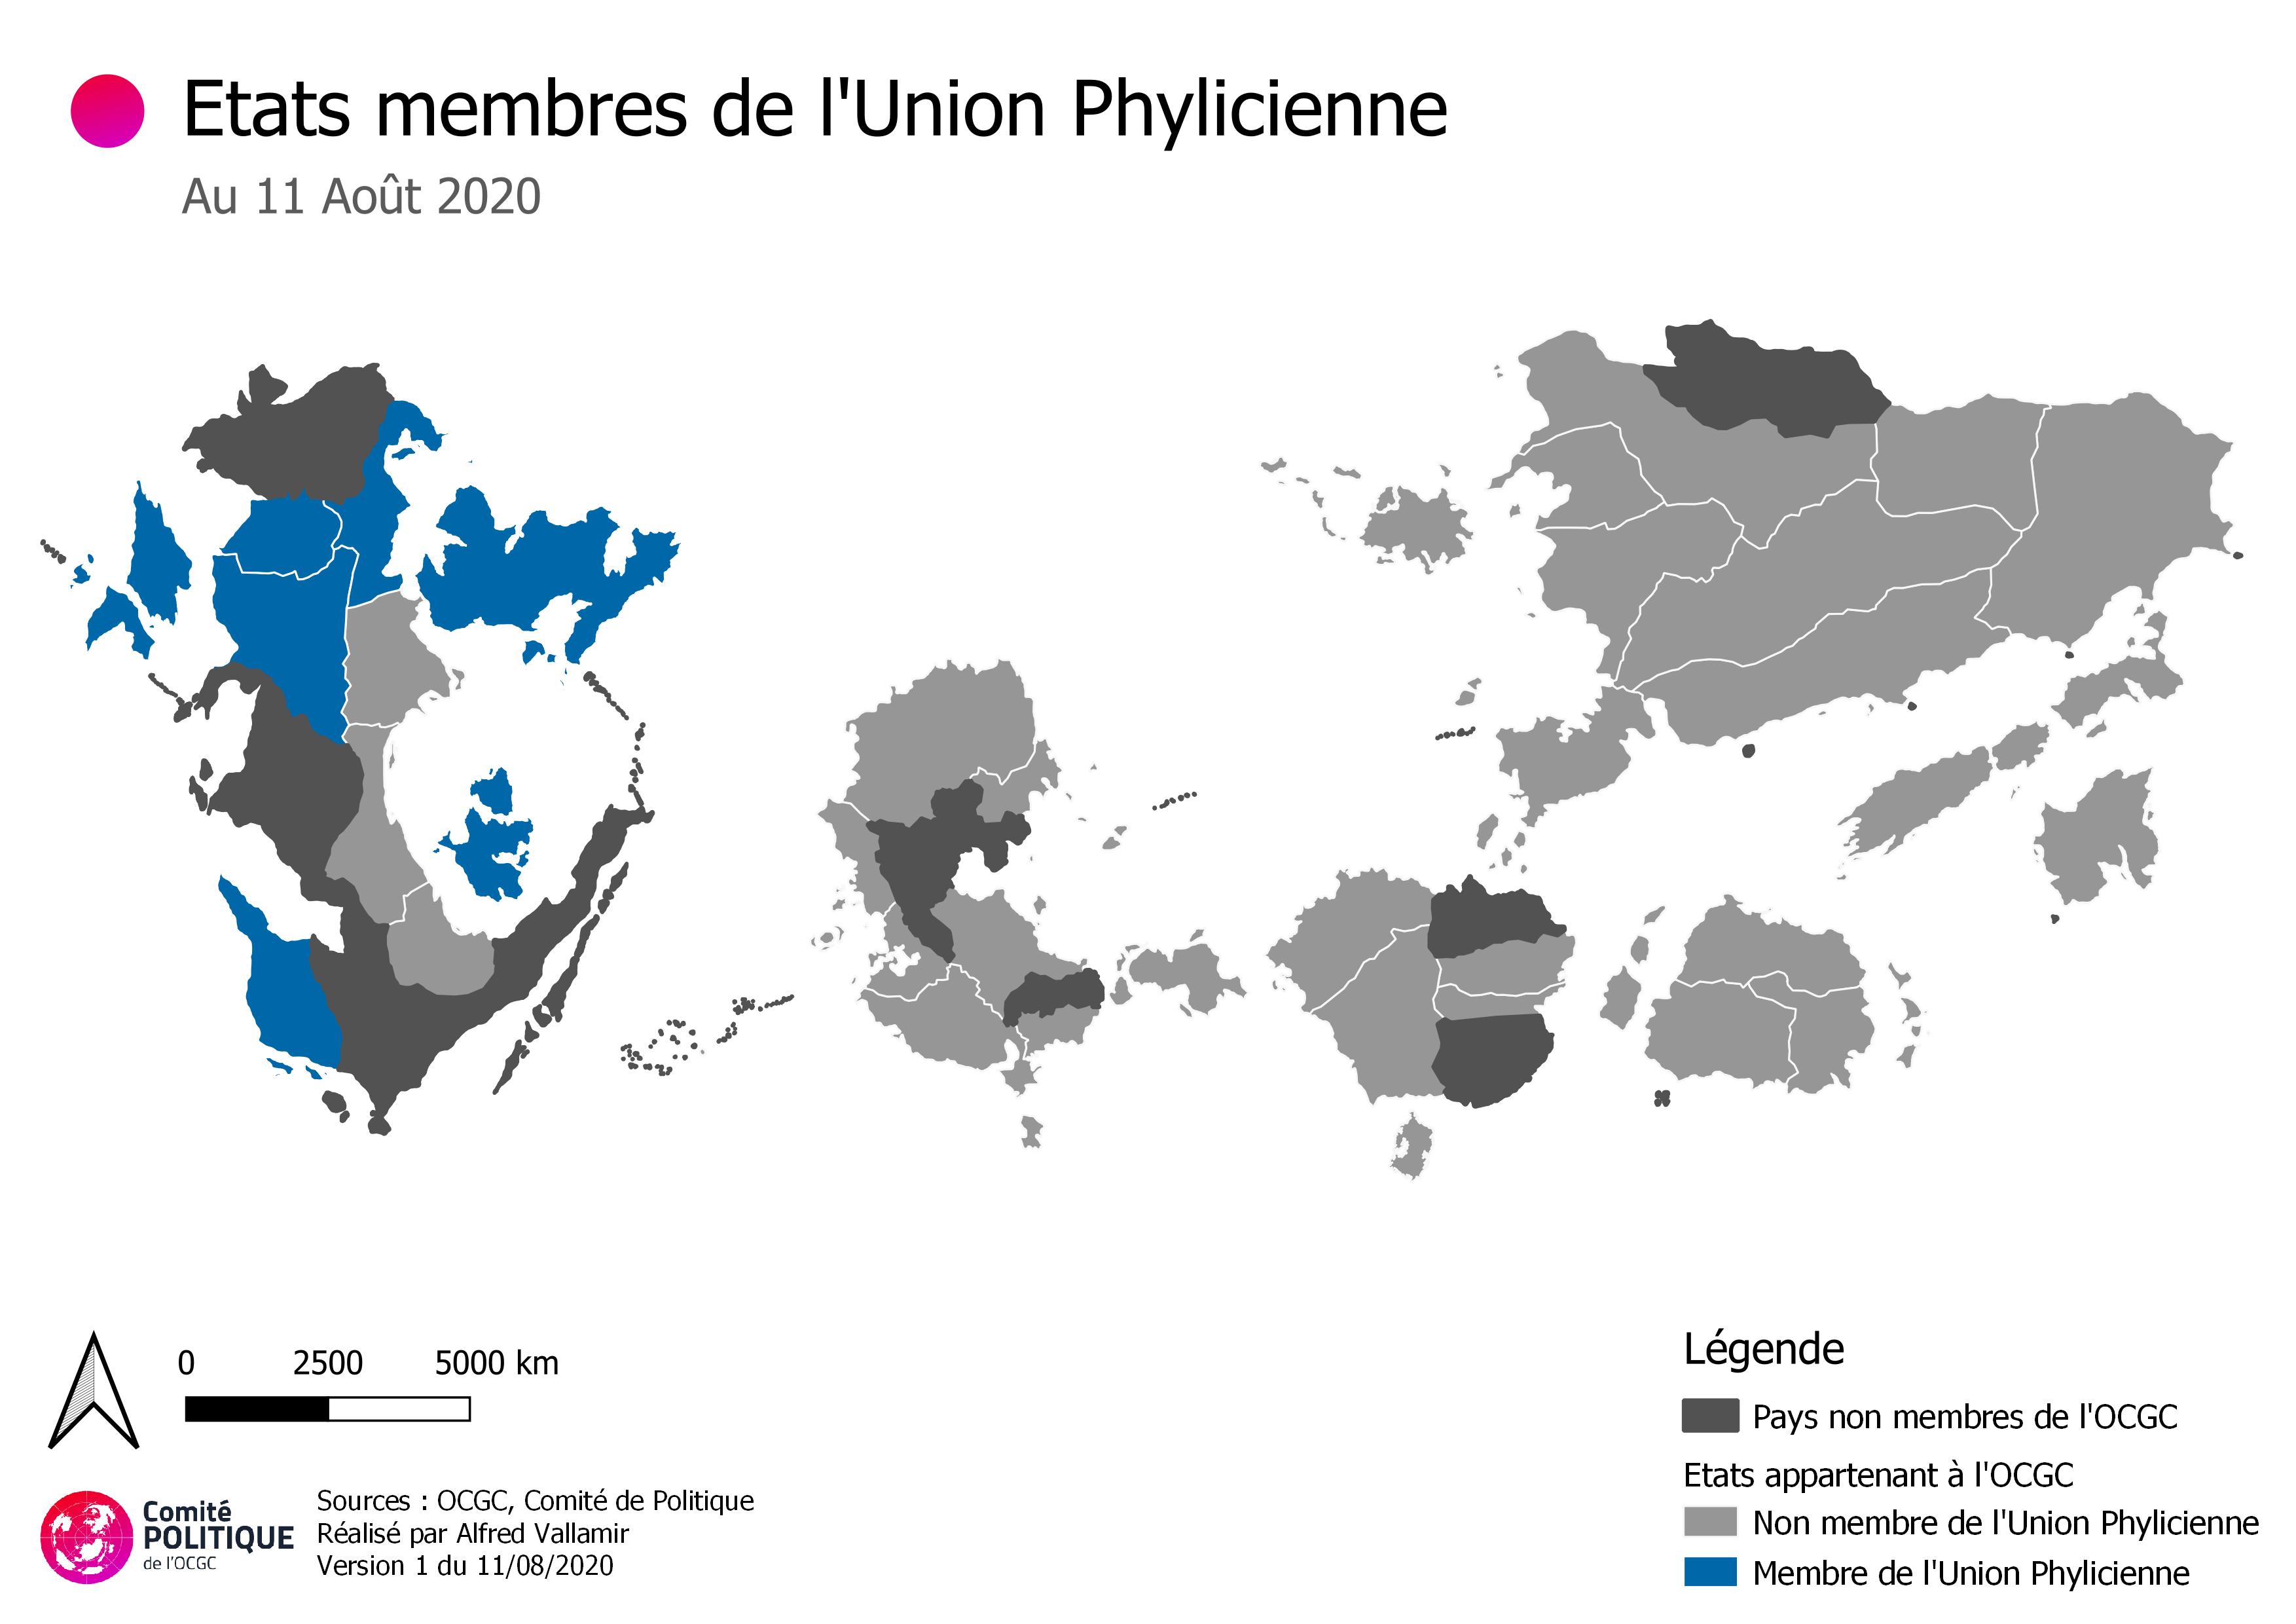 Atlas du comité de politique - L'édition 2021 disponible ! - Page 6 Union_Phylicienne110820